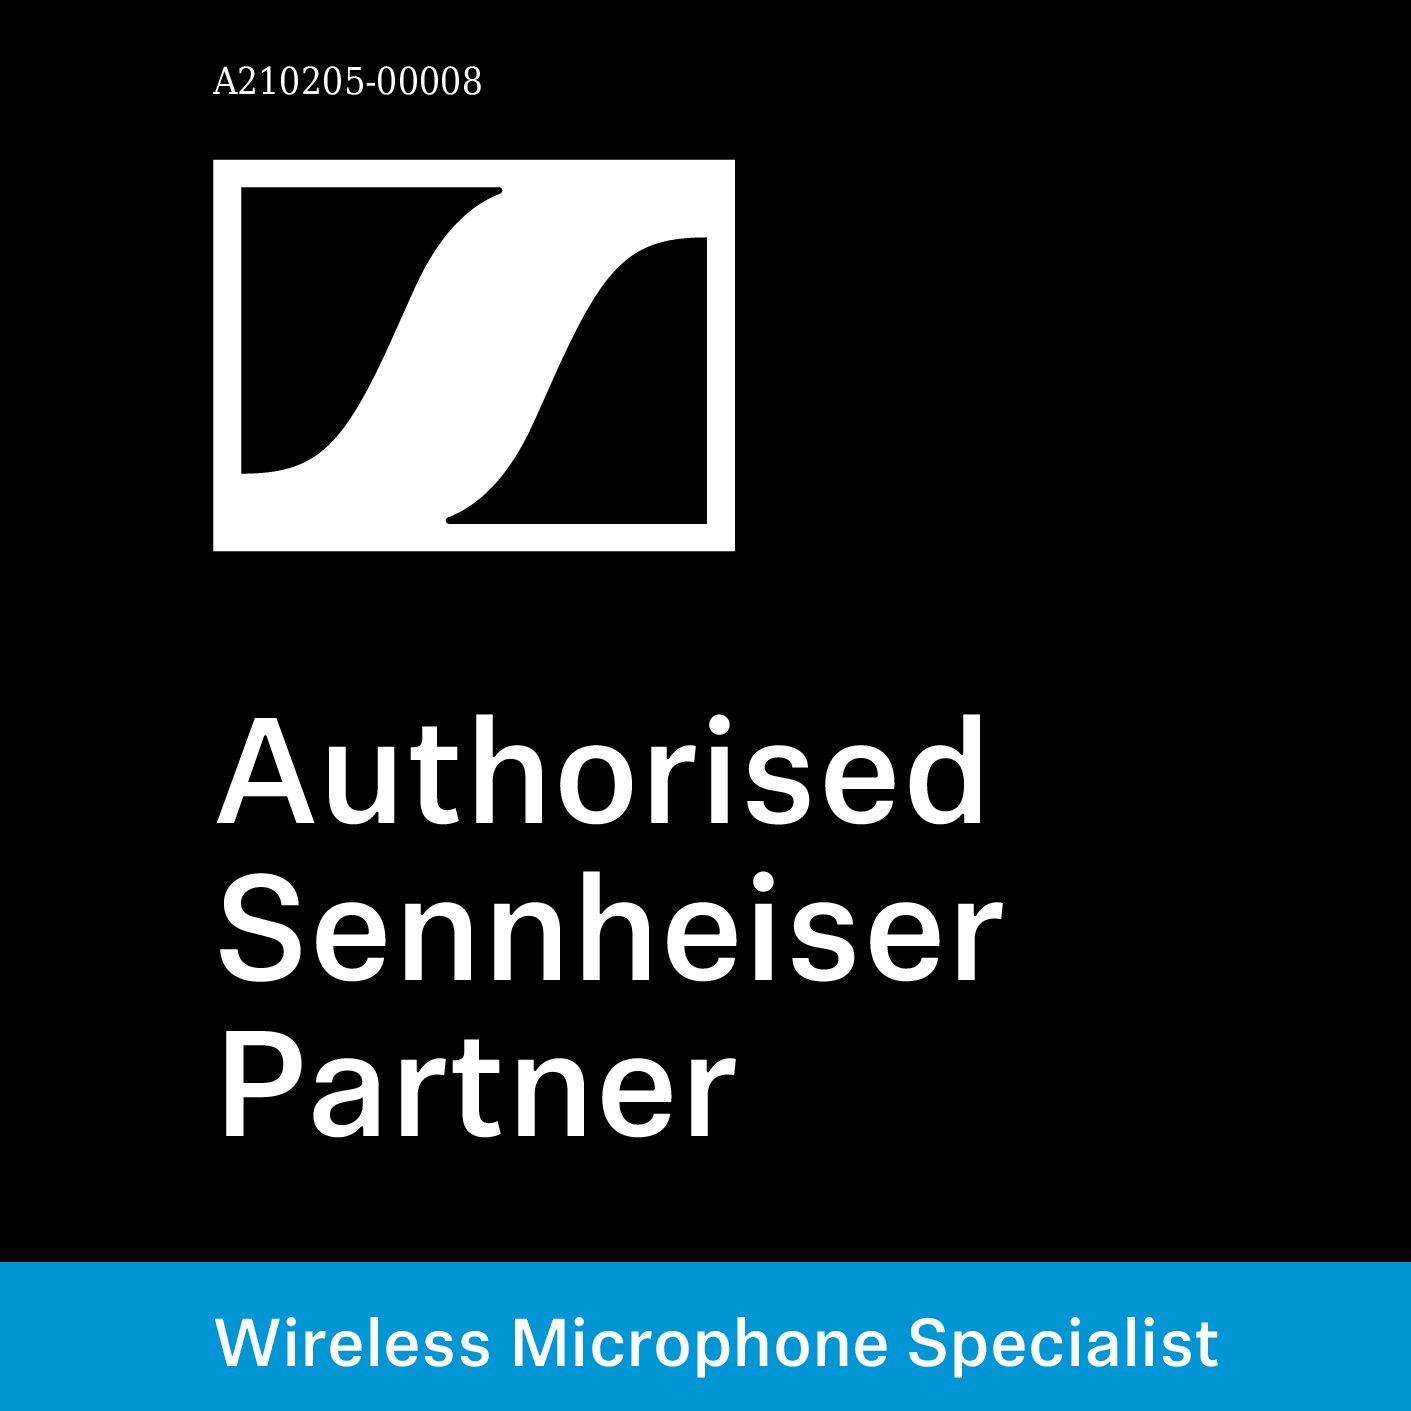 Sennheiser Wireless Microphone Specialist